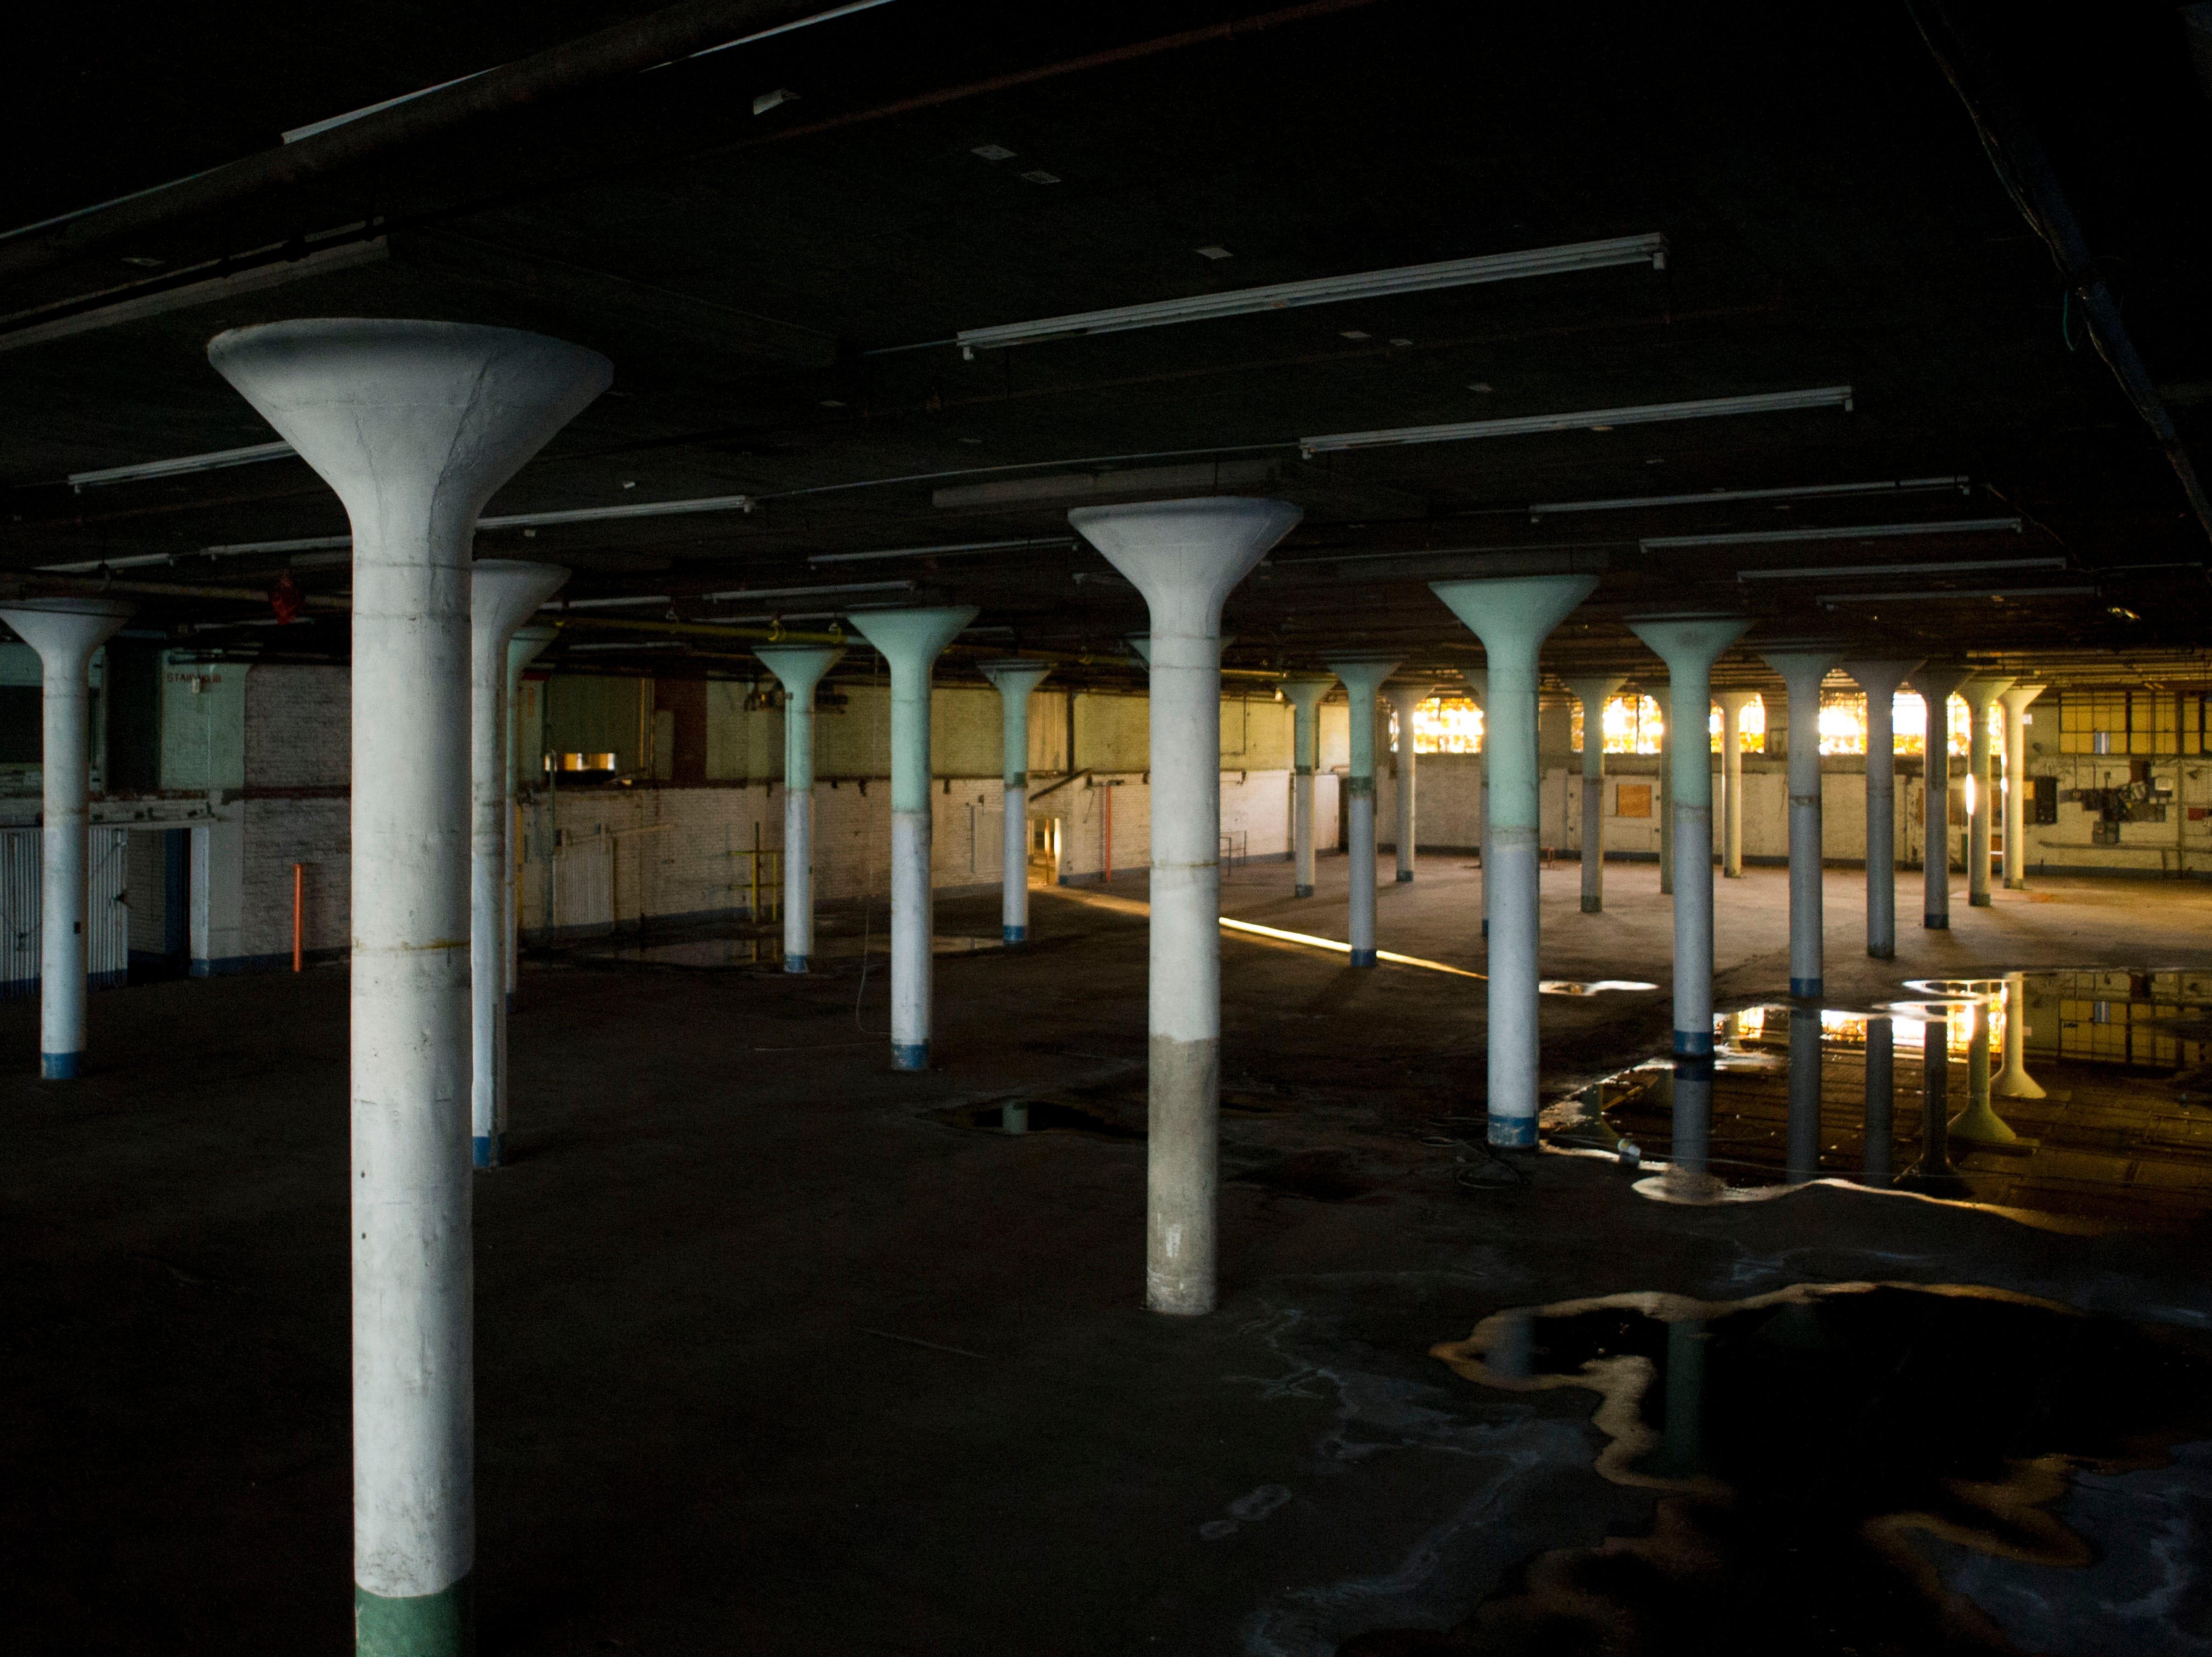 The Standard Knitting Mill building on Thursday, November 15, 2012.